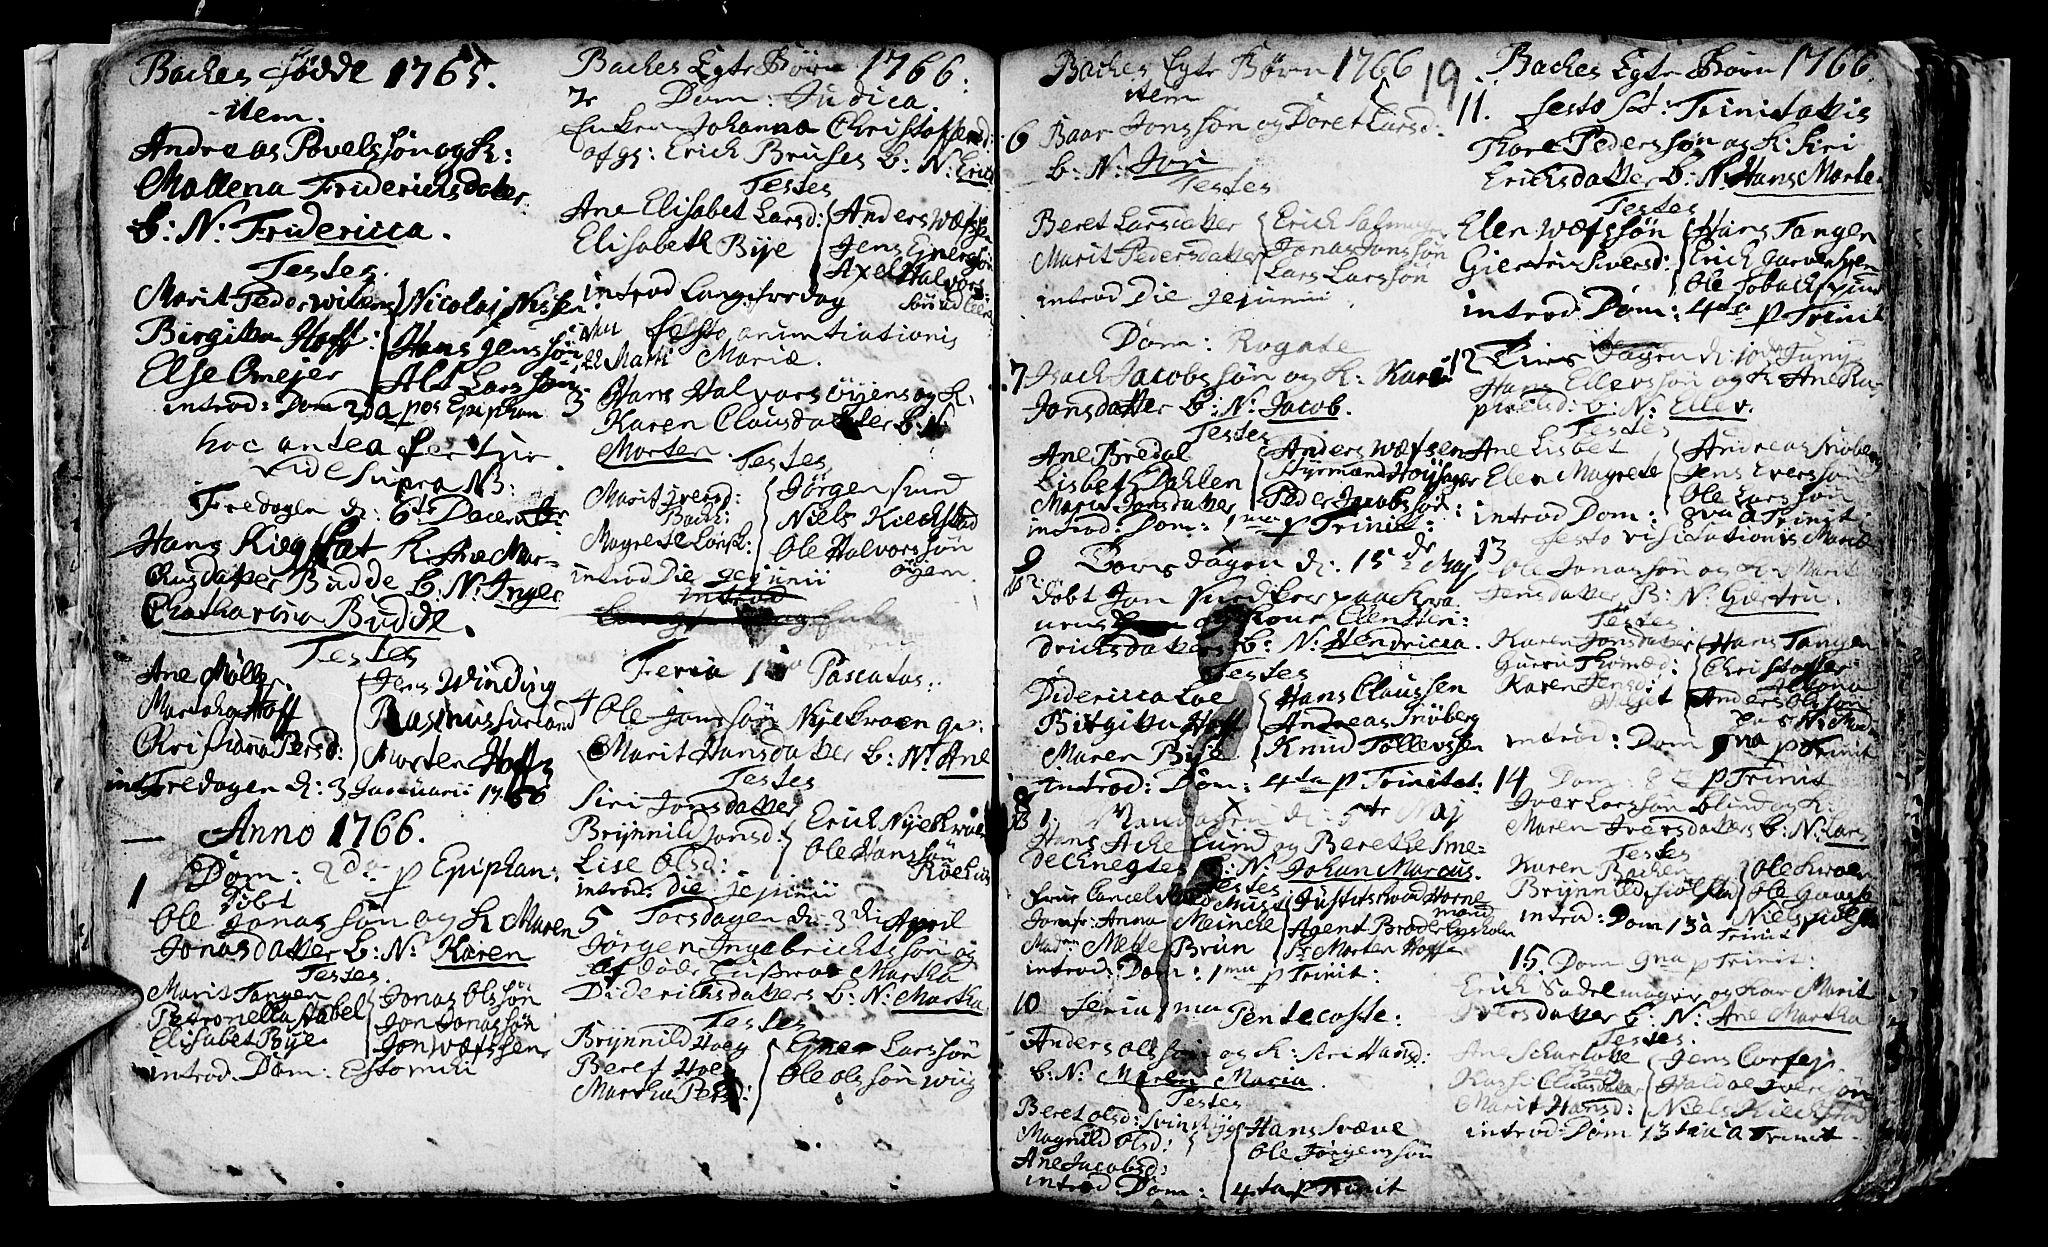 SAT, Ministerialprotokoller, klokkerbøker og fødselsregistre - Sør-Trøndelag, 604/L0218: Klokkerbok nr. 604C01, 1754-1819, s. 19